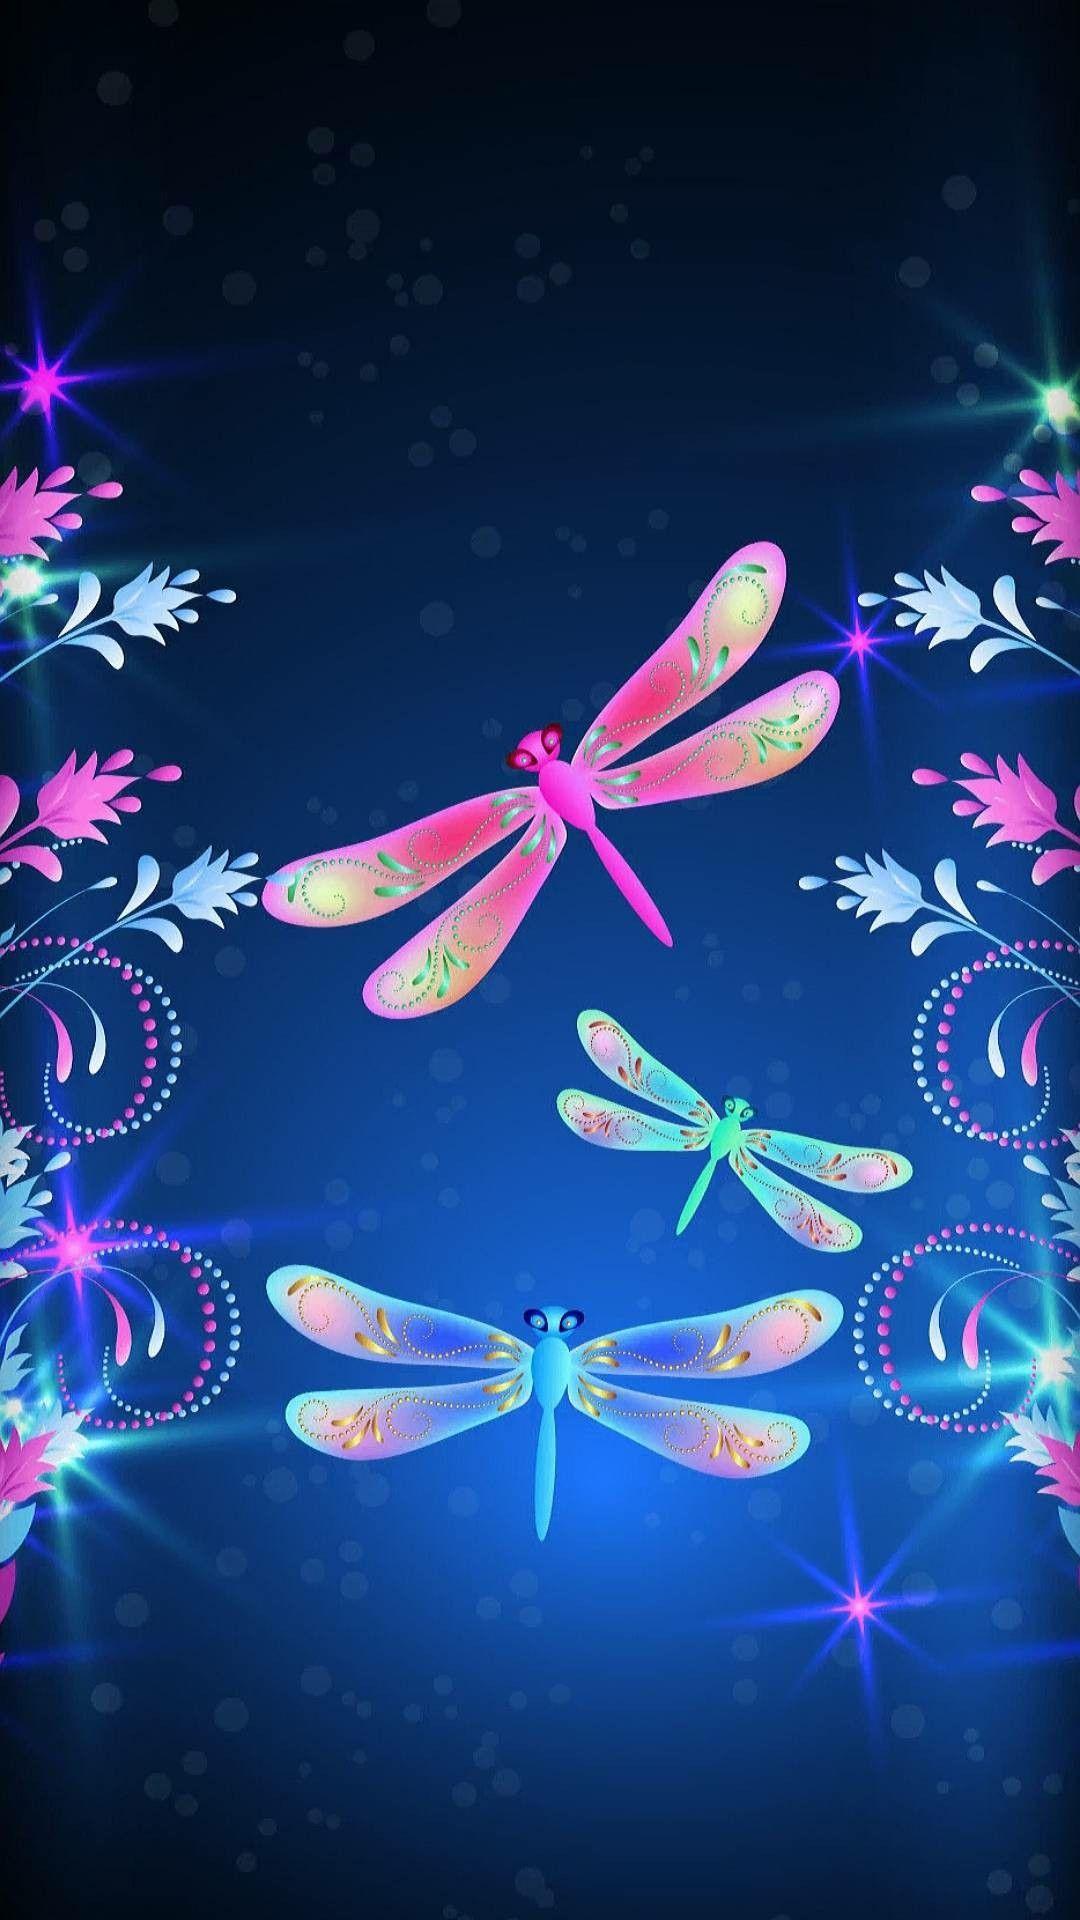 Dragonfly Wallpaper Dragonfly Wallpaper Dragonfly Wall Art D